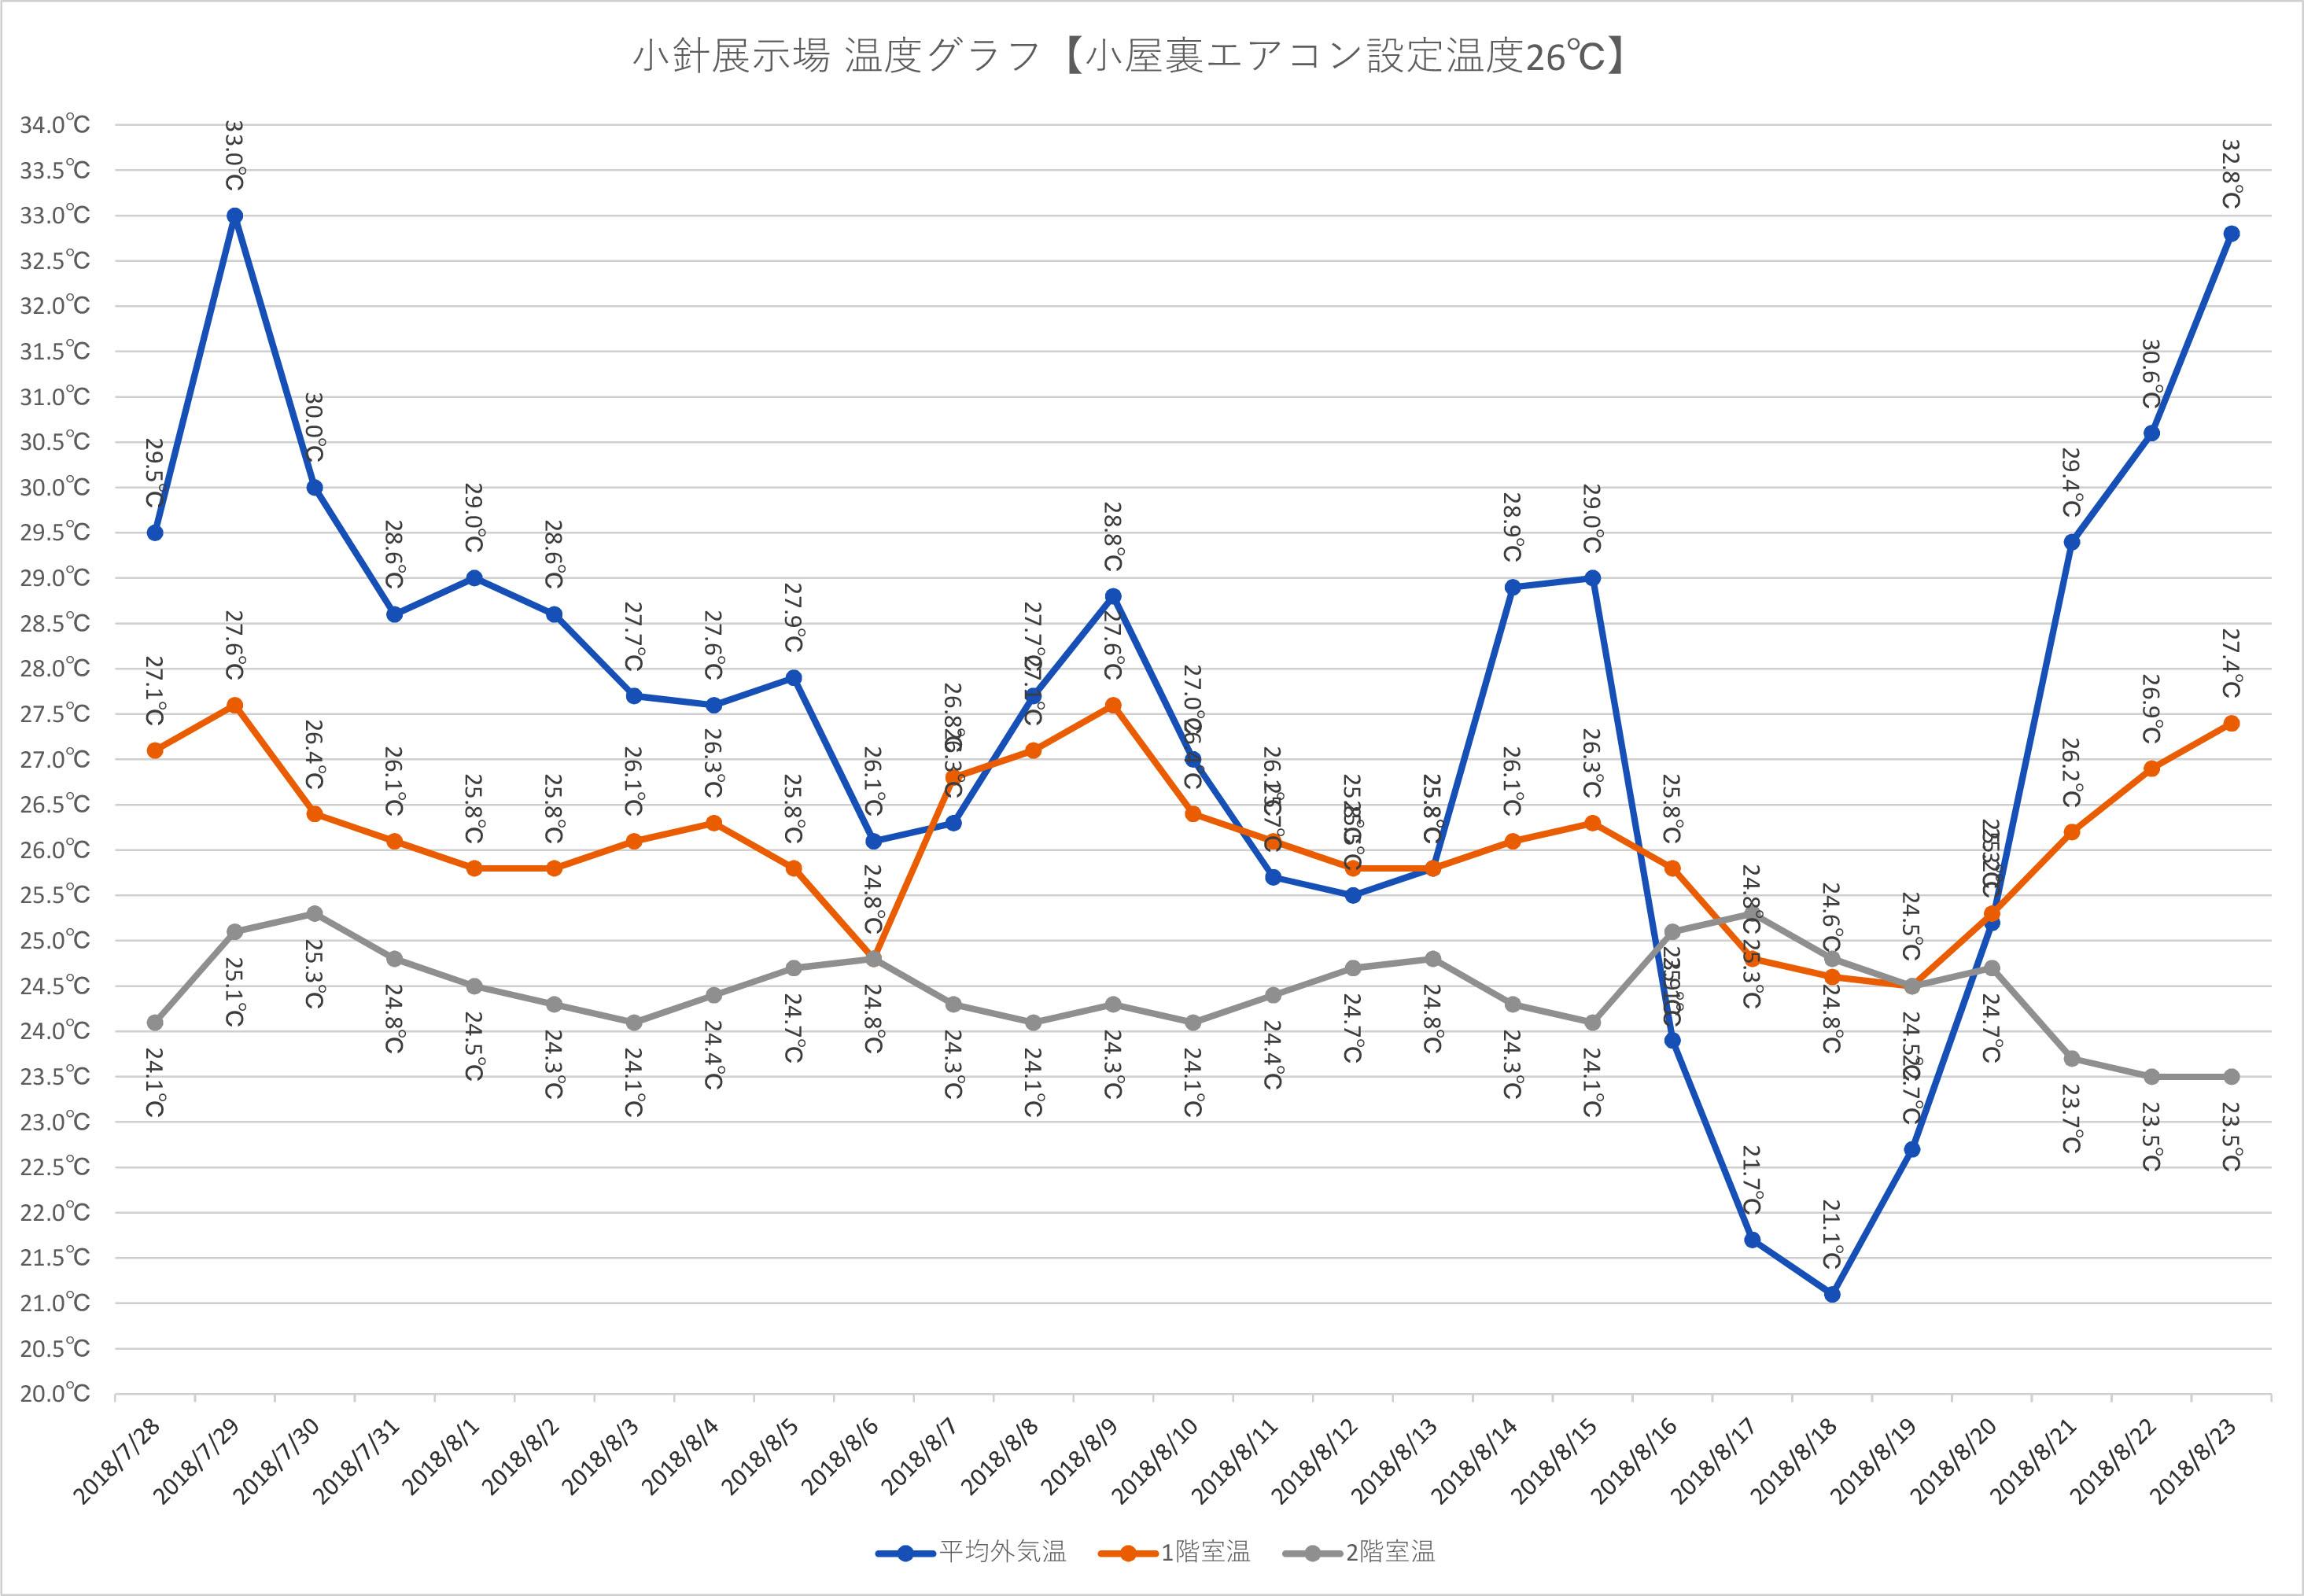 小屋裏エアコンのデータ.jpg